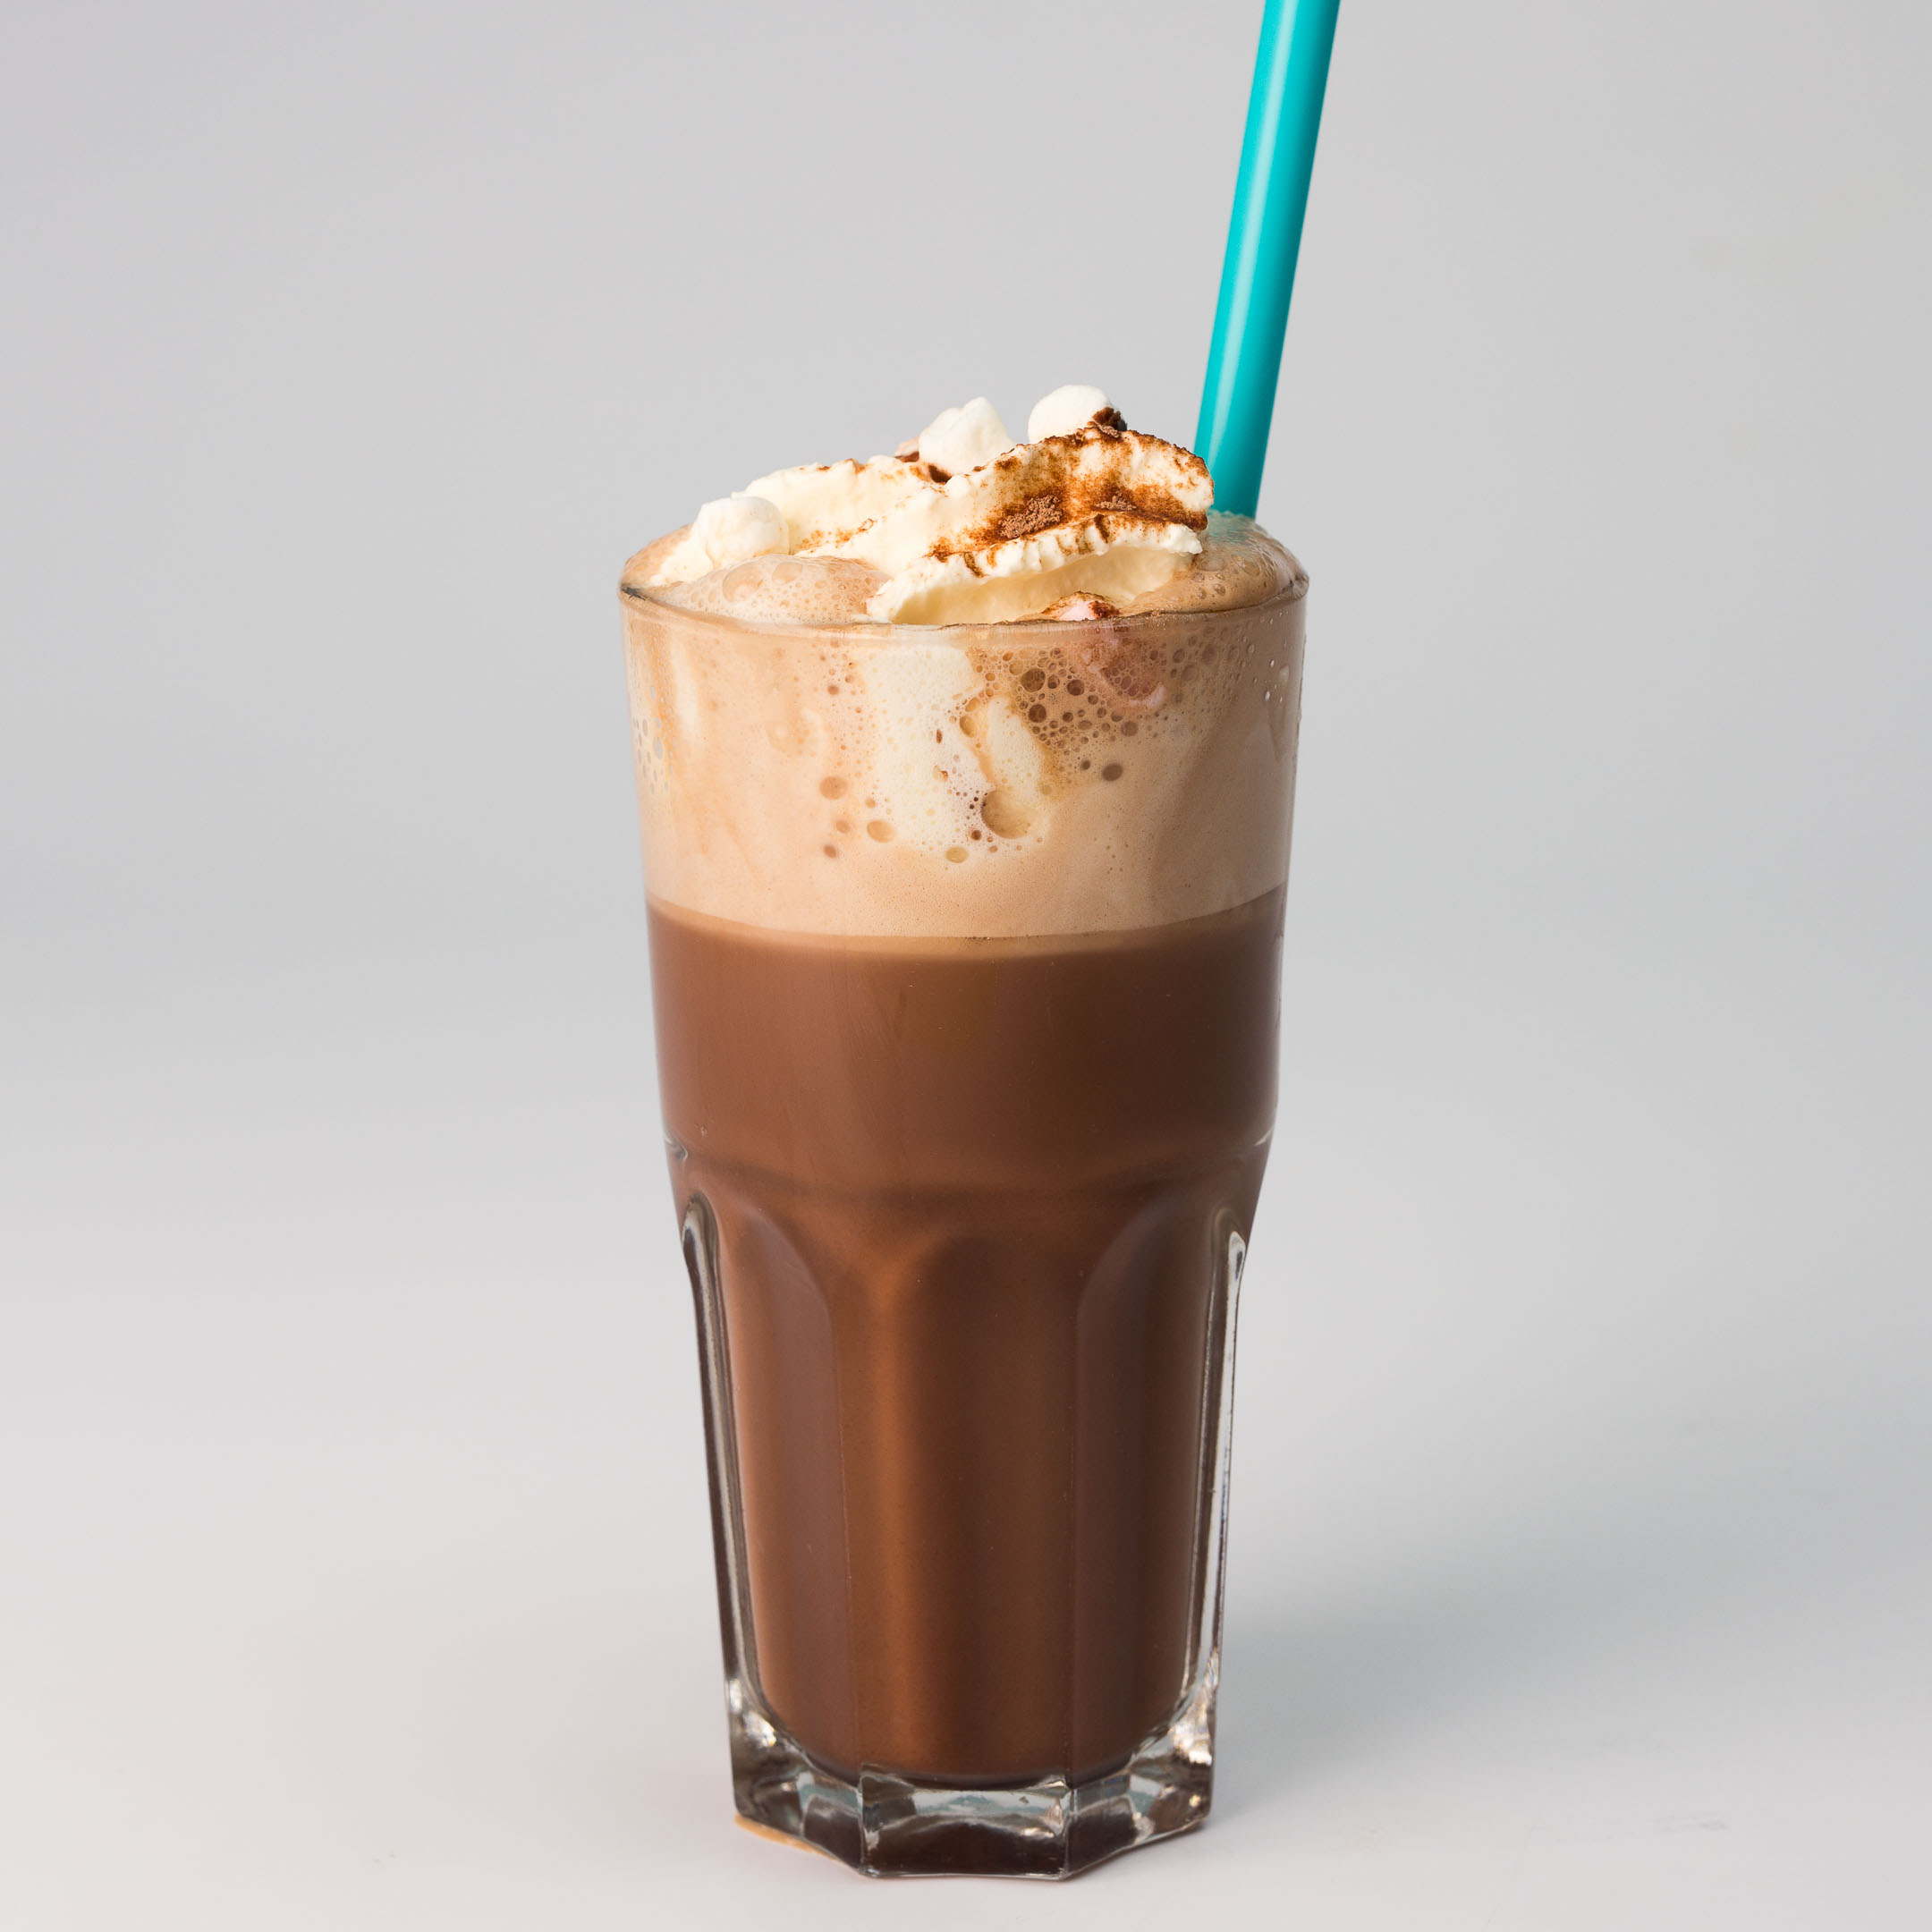 Varm choklad produktfoto